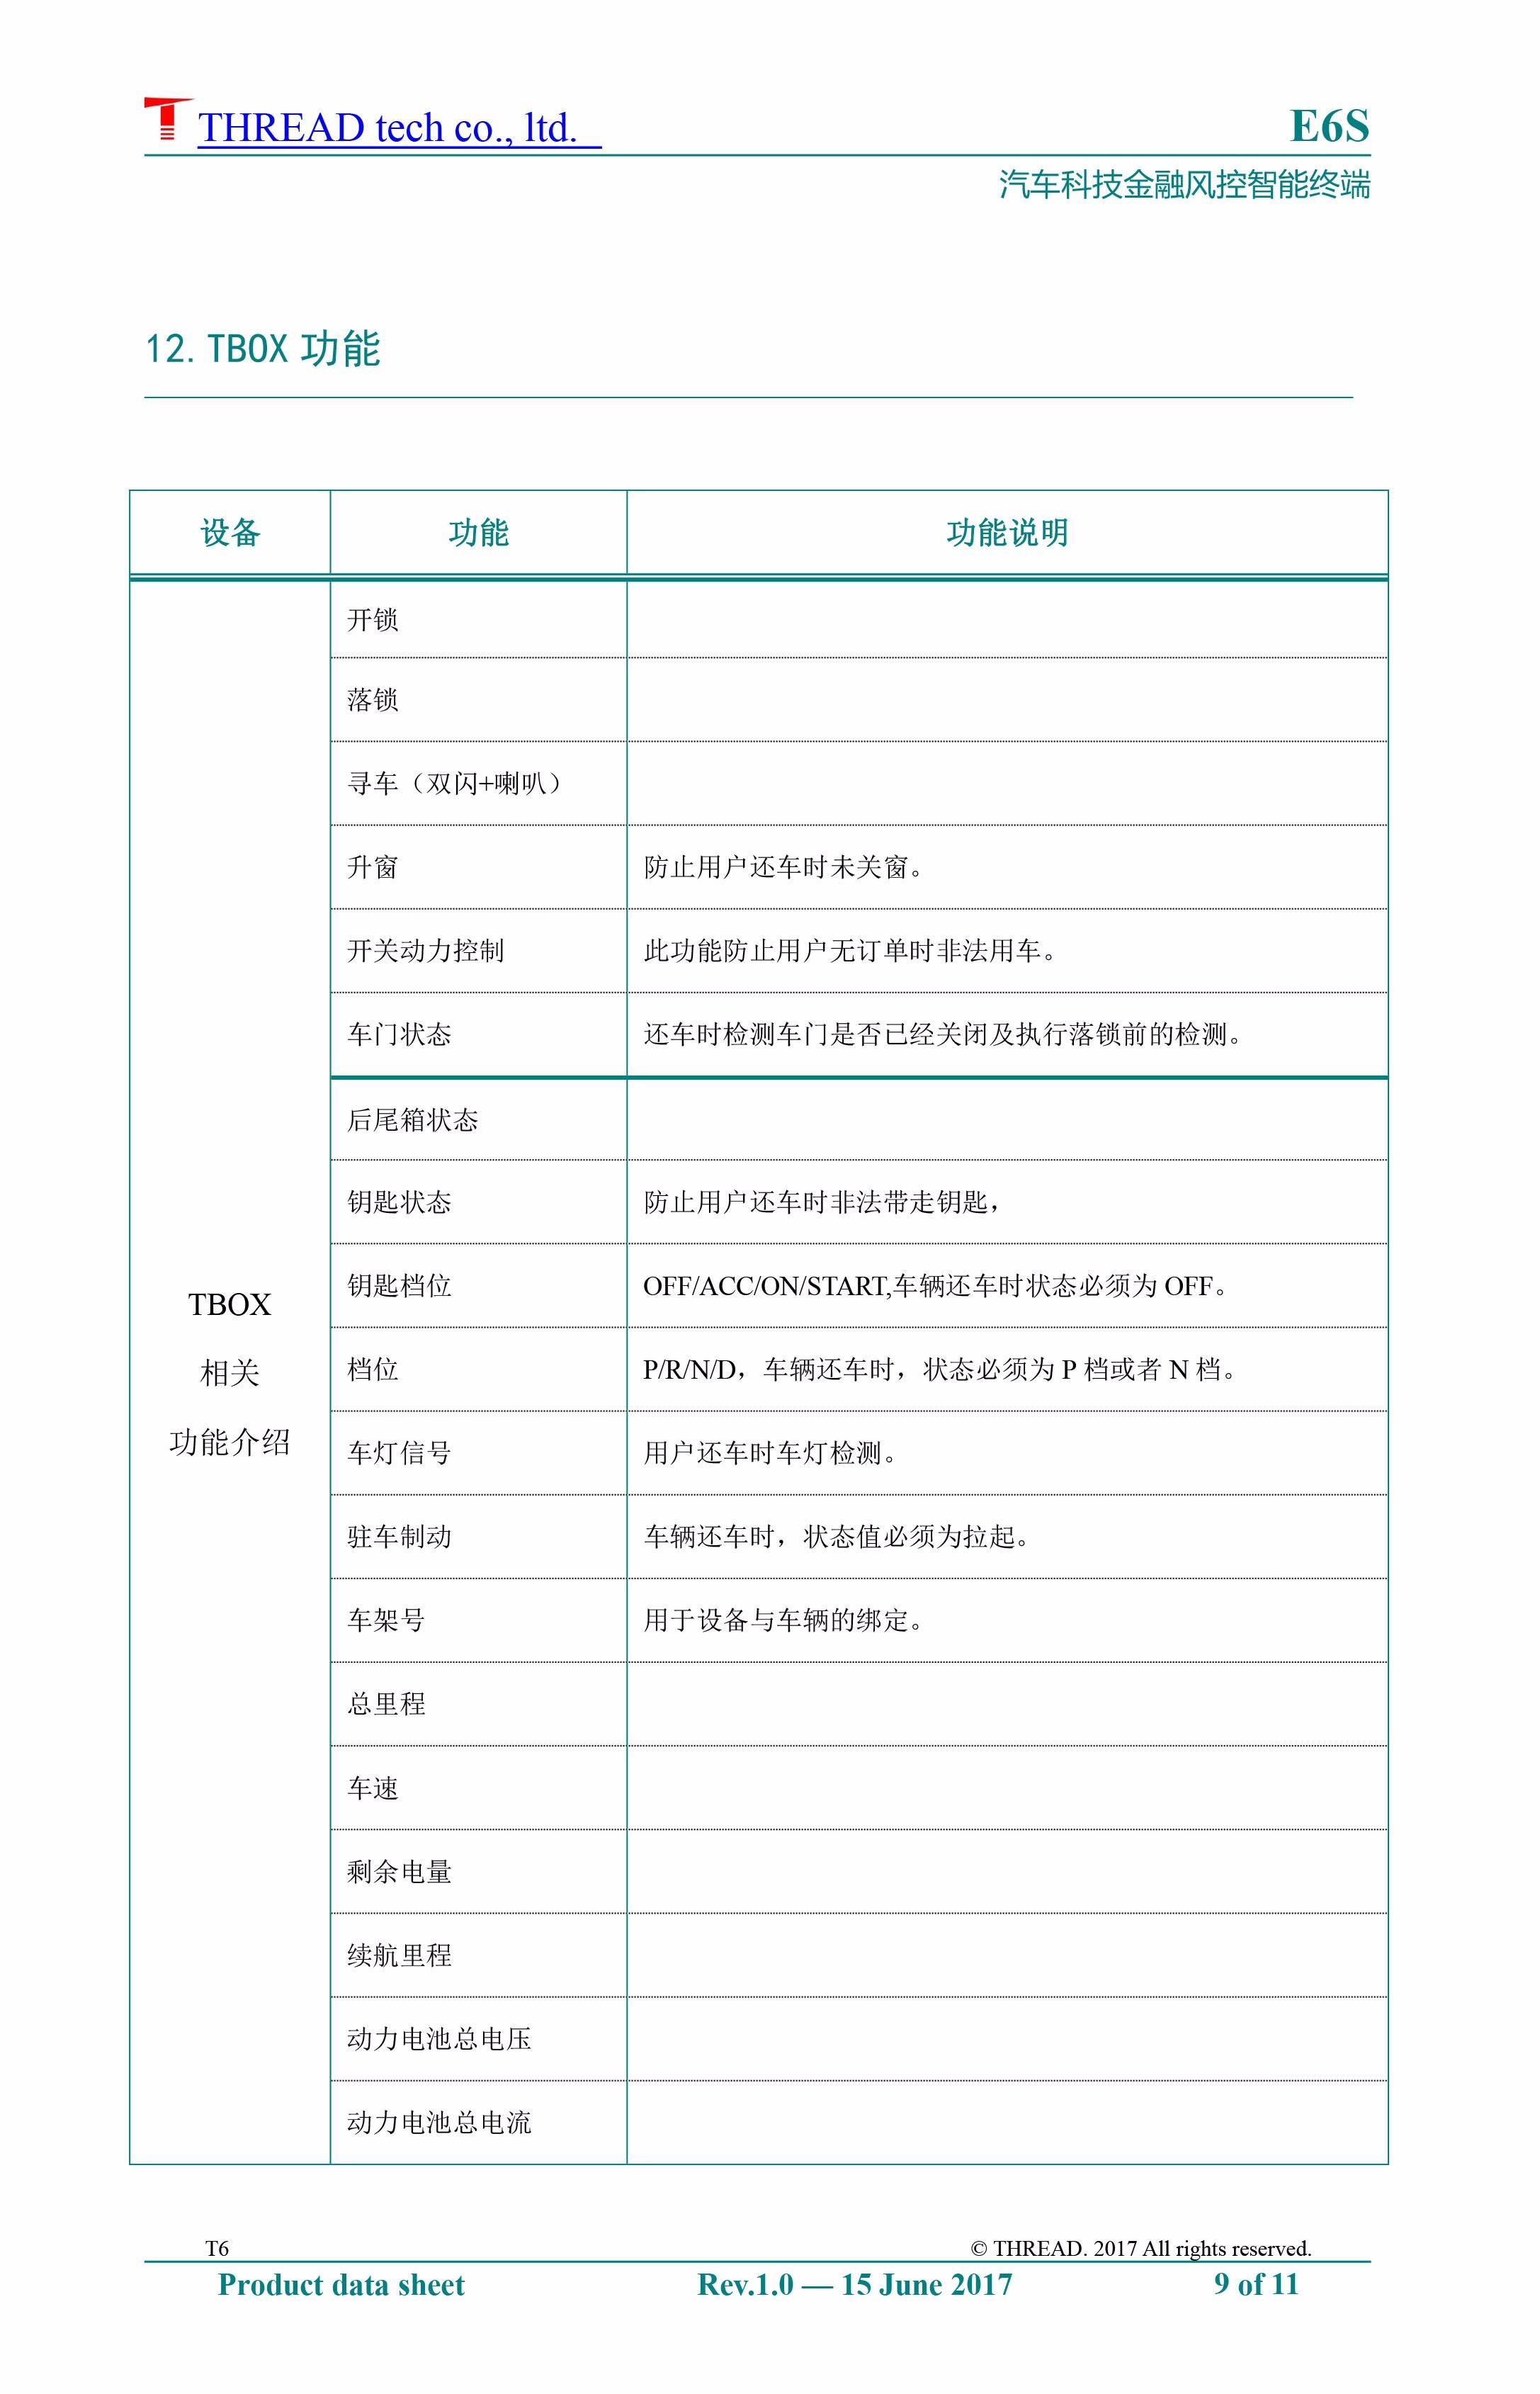 汽车4G互联智能终端手册-9.jpg